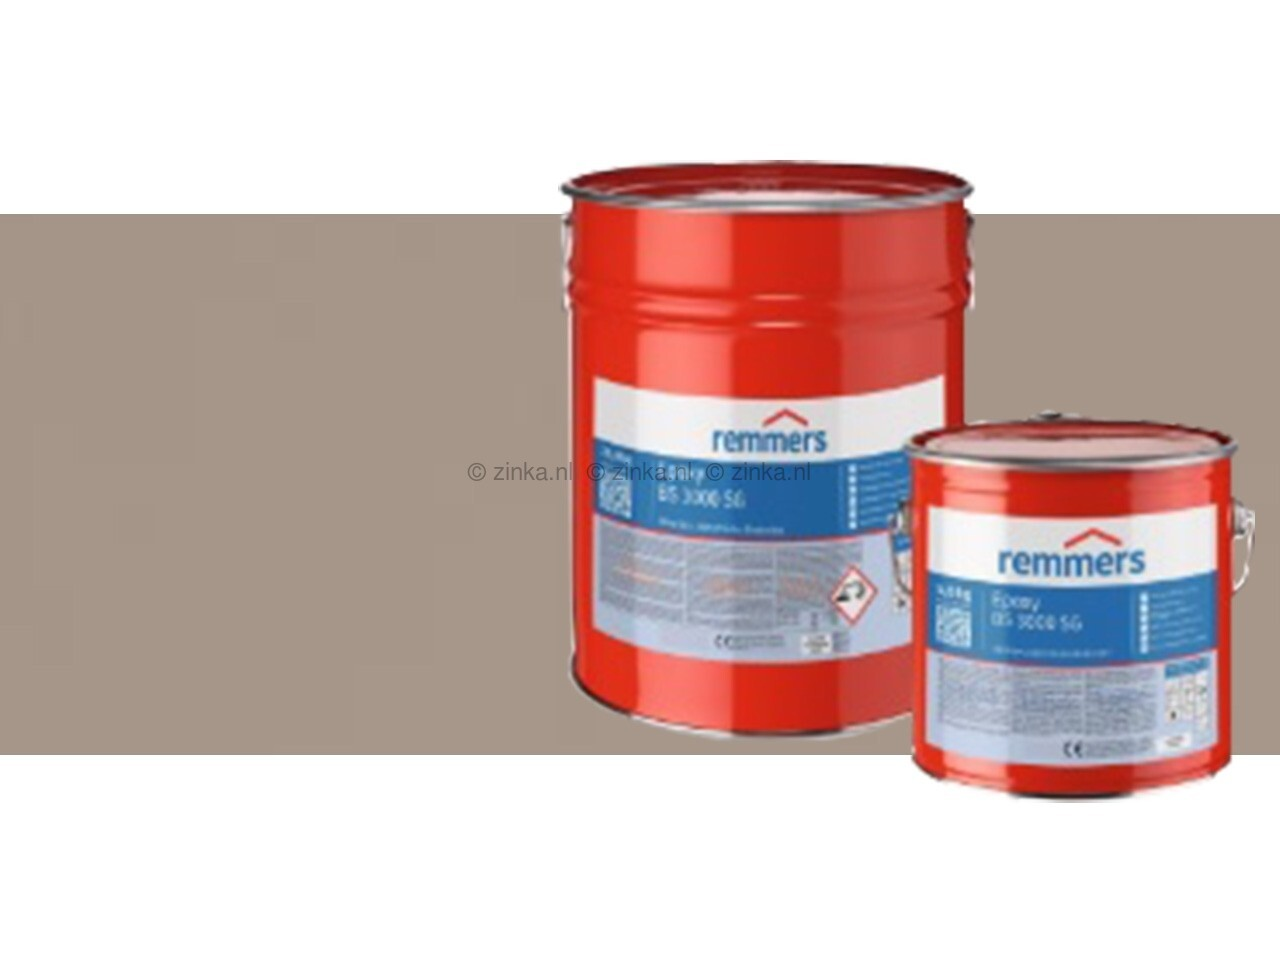 Epoxy BS 3000 SG zijdeglans zilvergrijs RAL7001 25 kilo